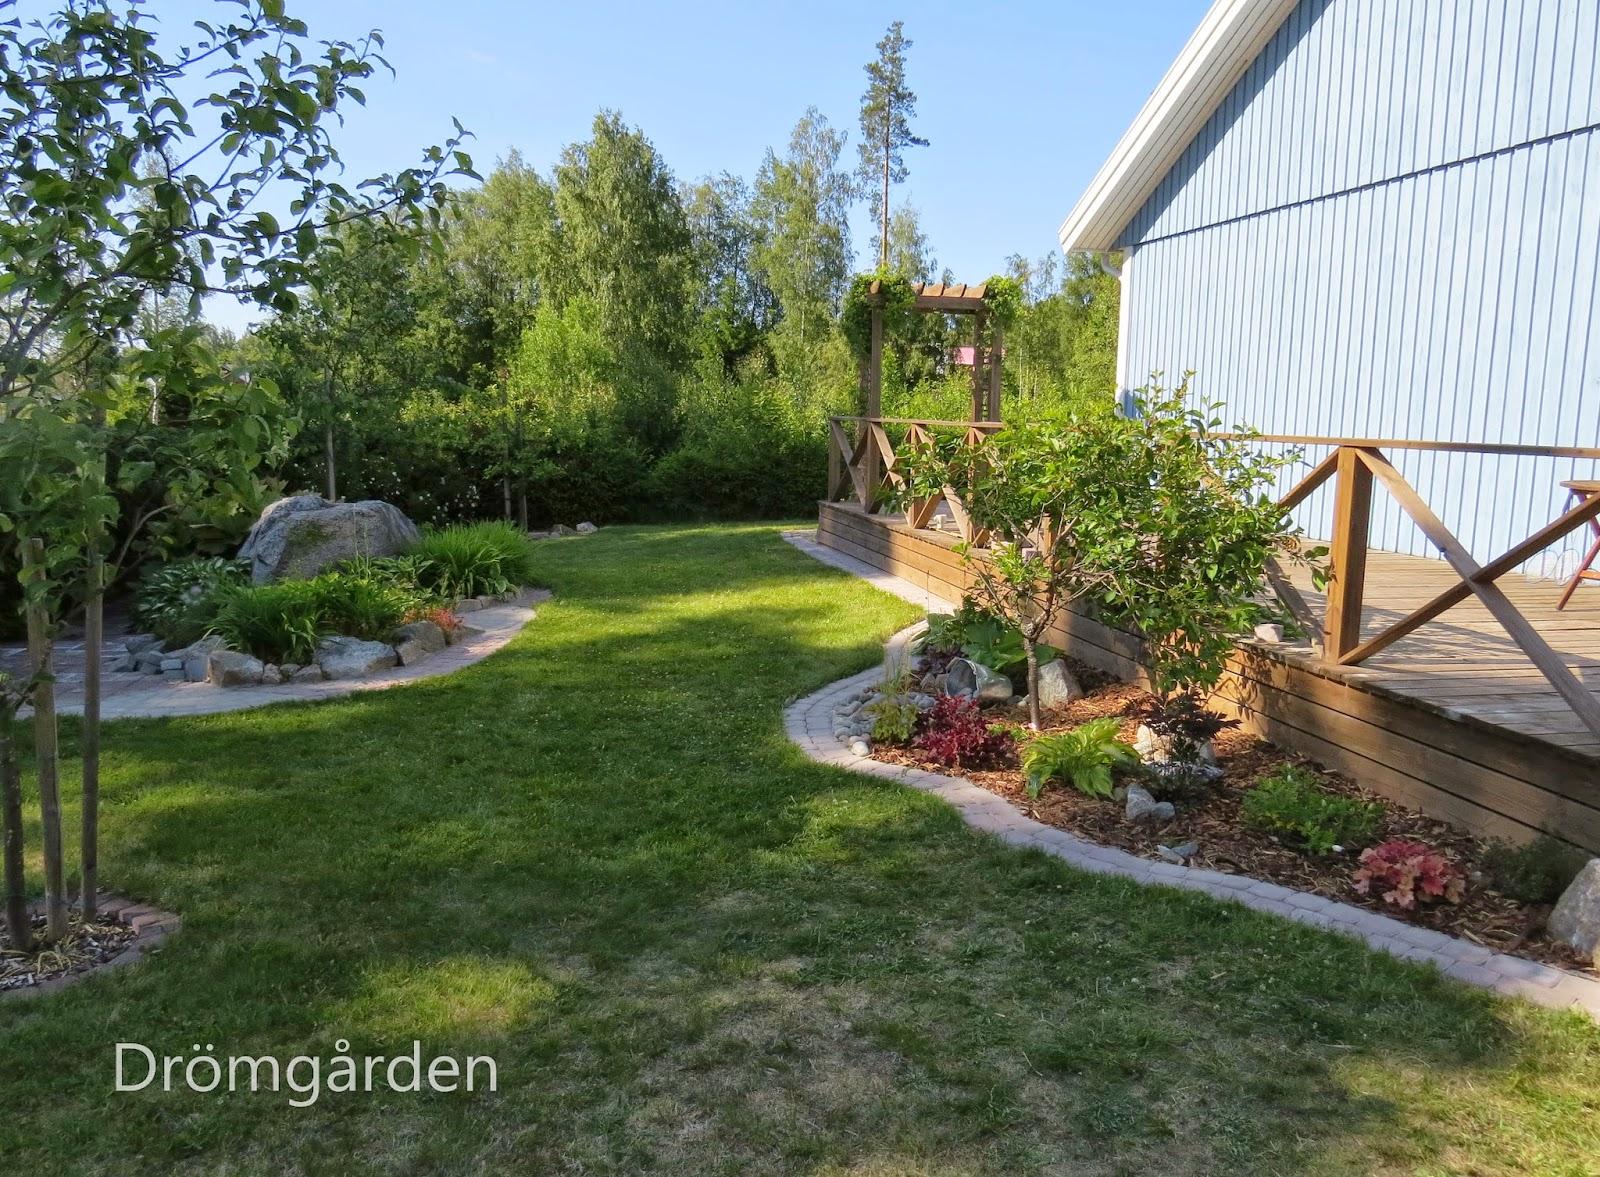 Trädgård Grus : Drömgården Öppen trädgård hos mig